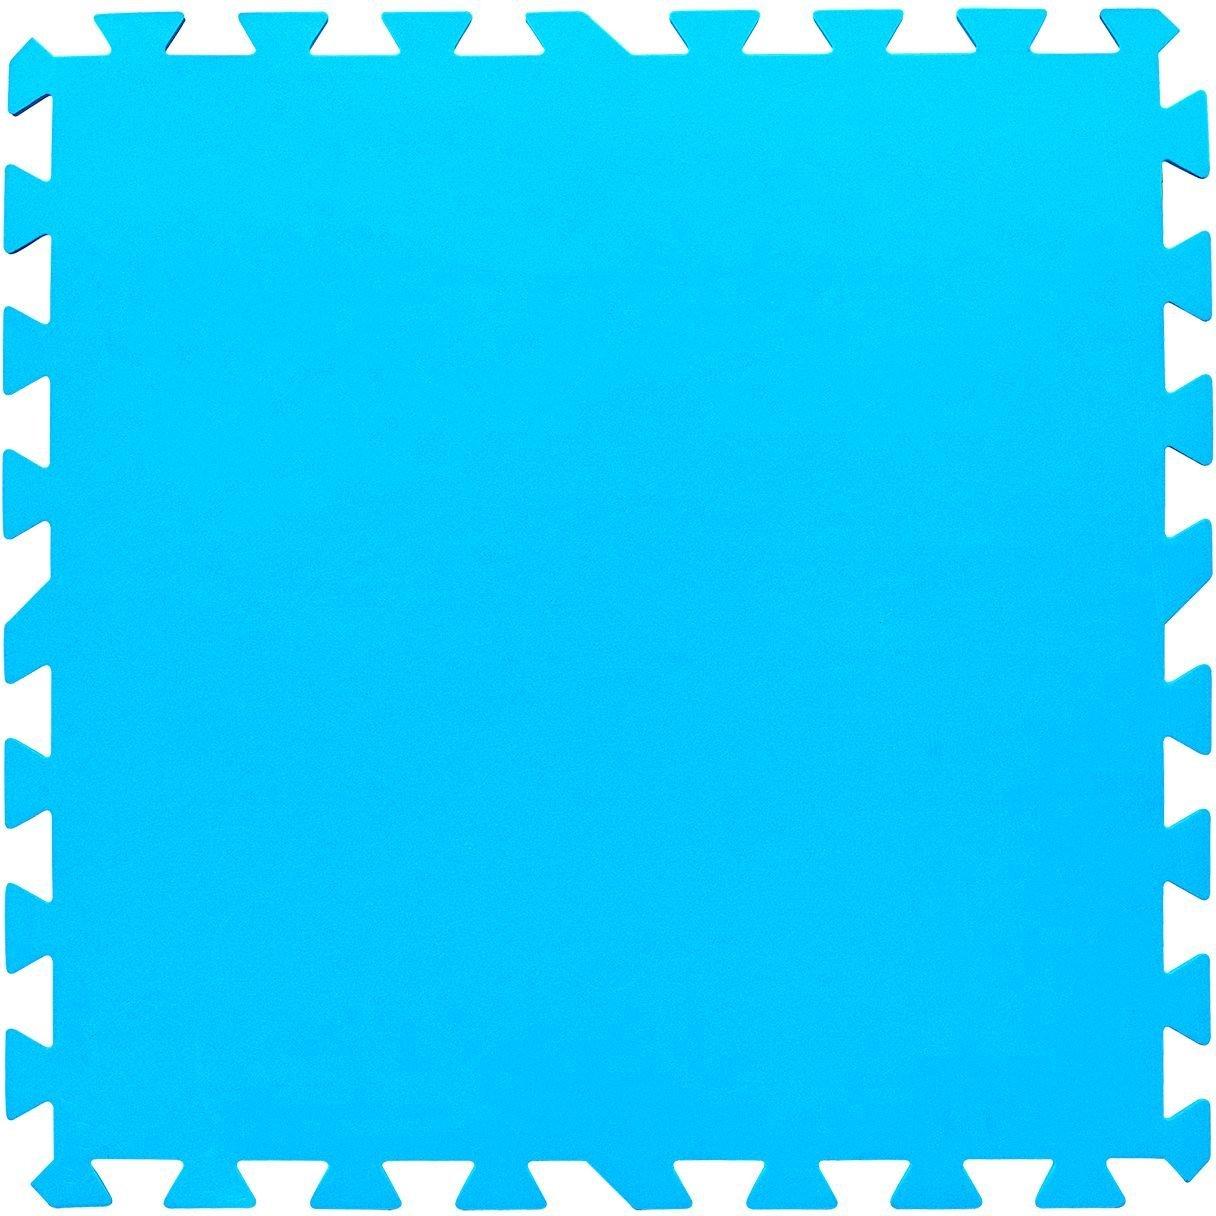 Protector suelo de 8 piezas 50 x 50 cm para piscinas for Protector suelo piscina